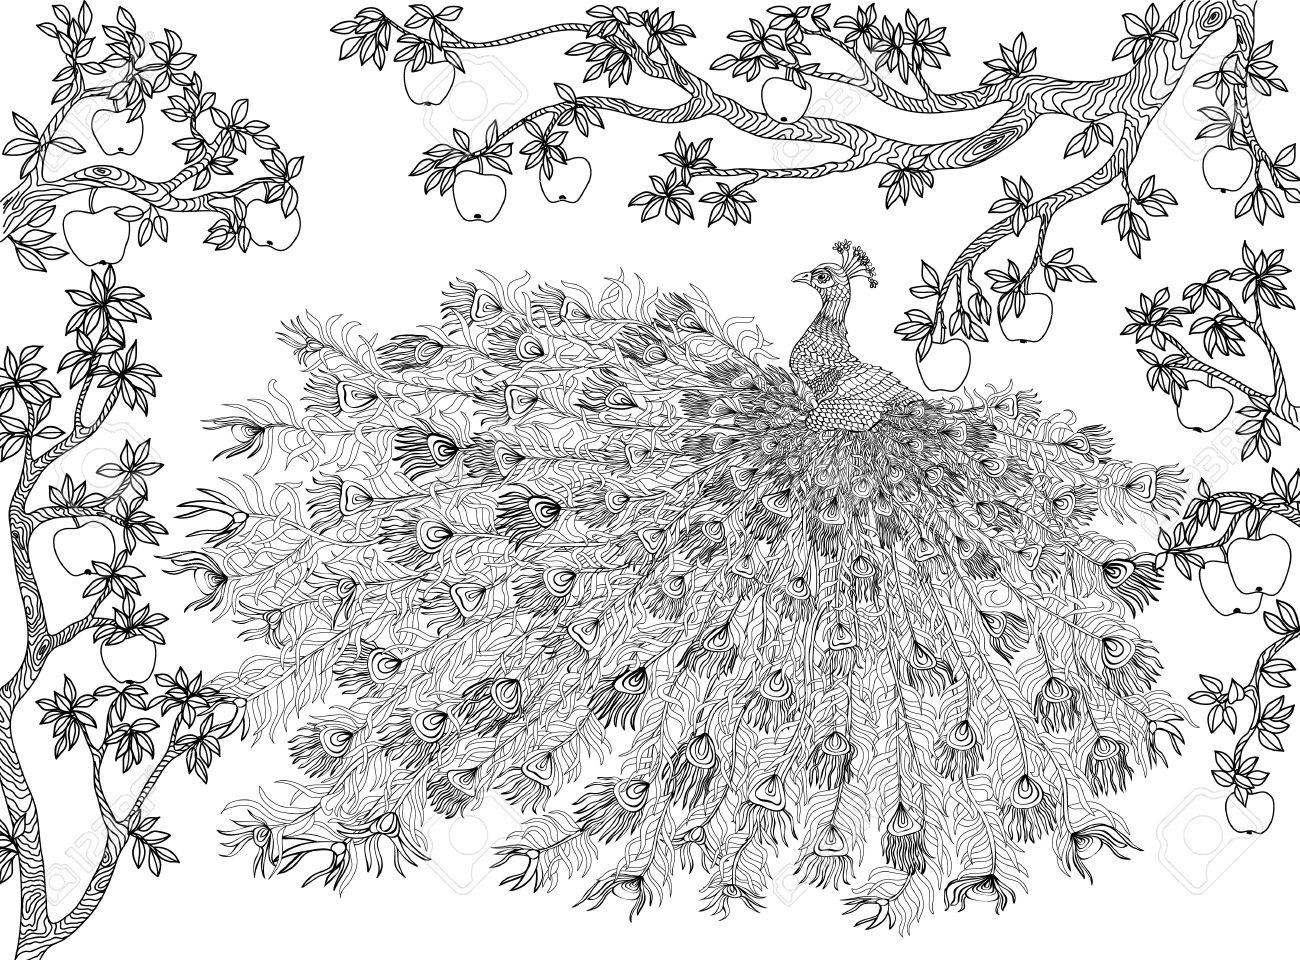 Dibujado A Mano Pájaro - Pavo Real En Una Rama De árbol De Manzana ...